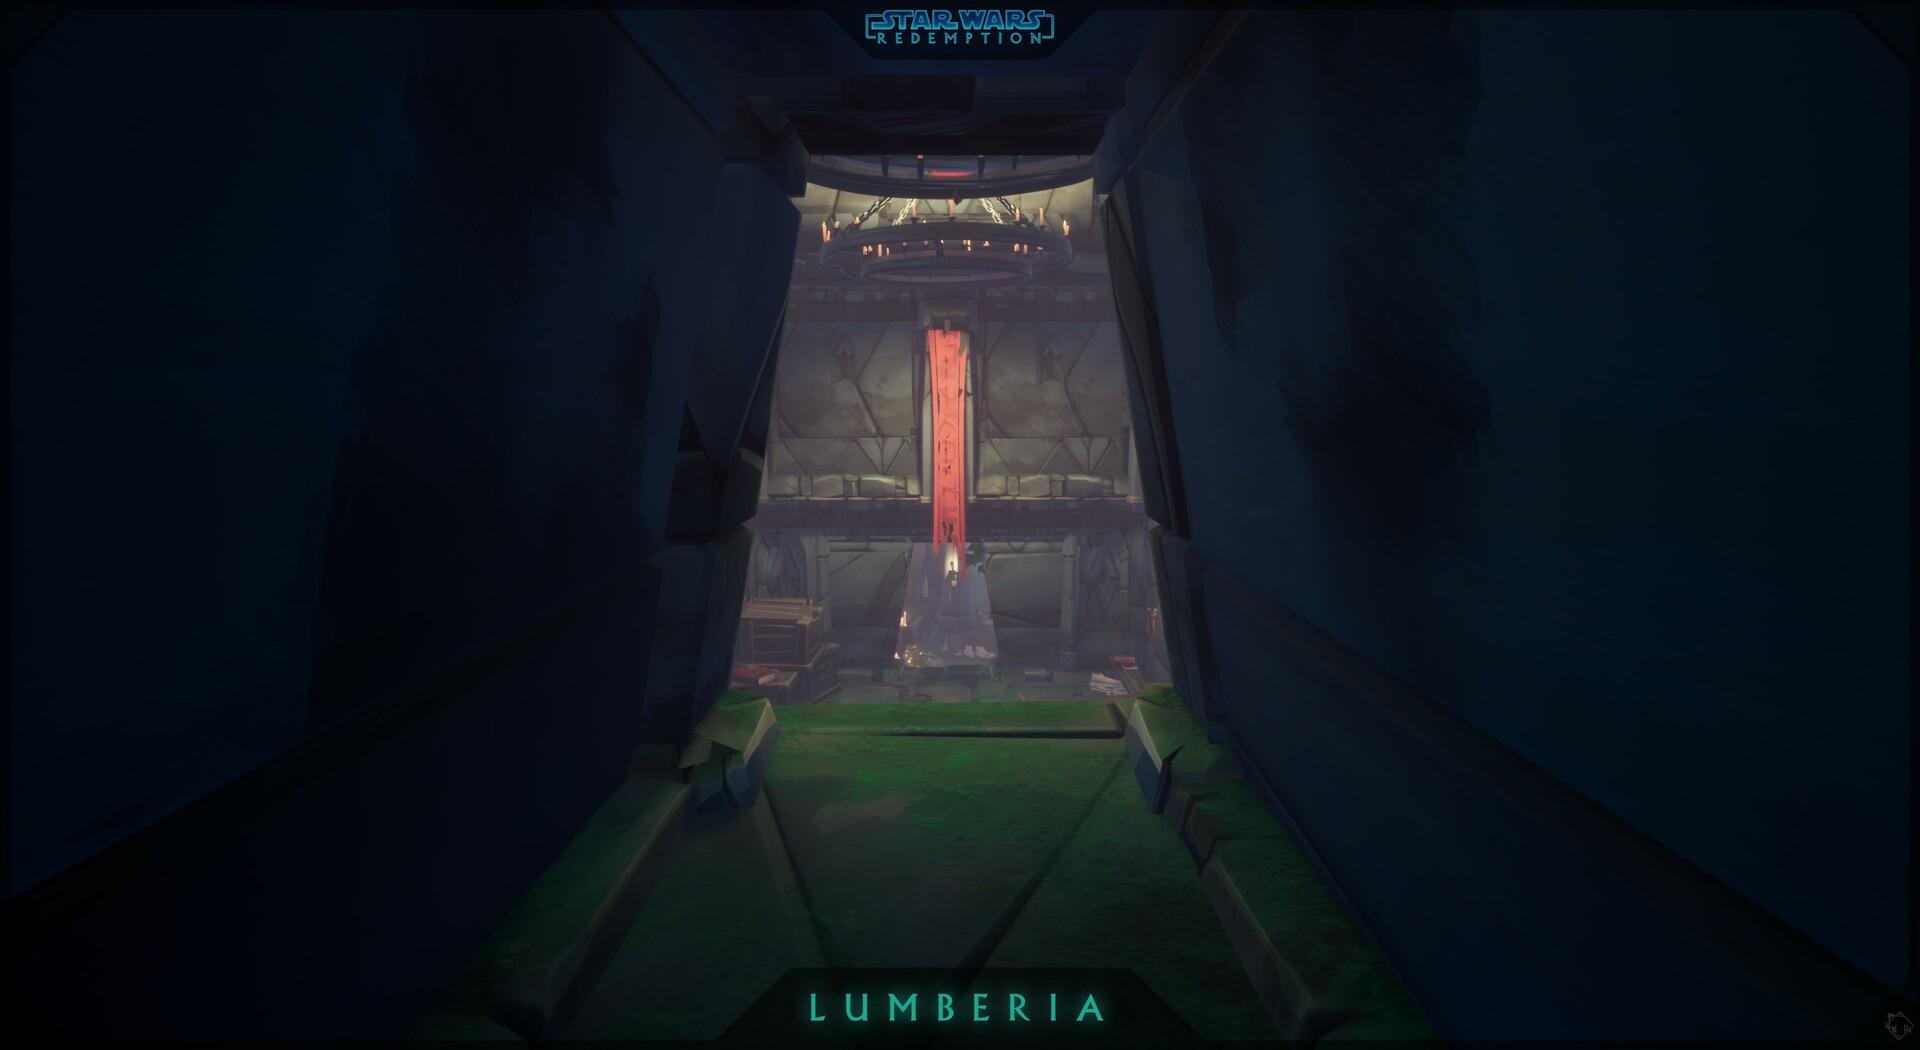 Etienne beschet swr screenshot lumberia temple 12